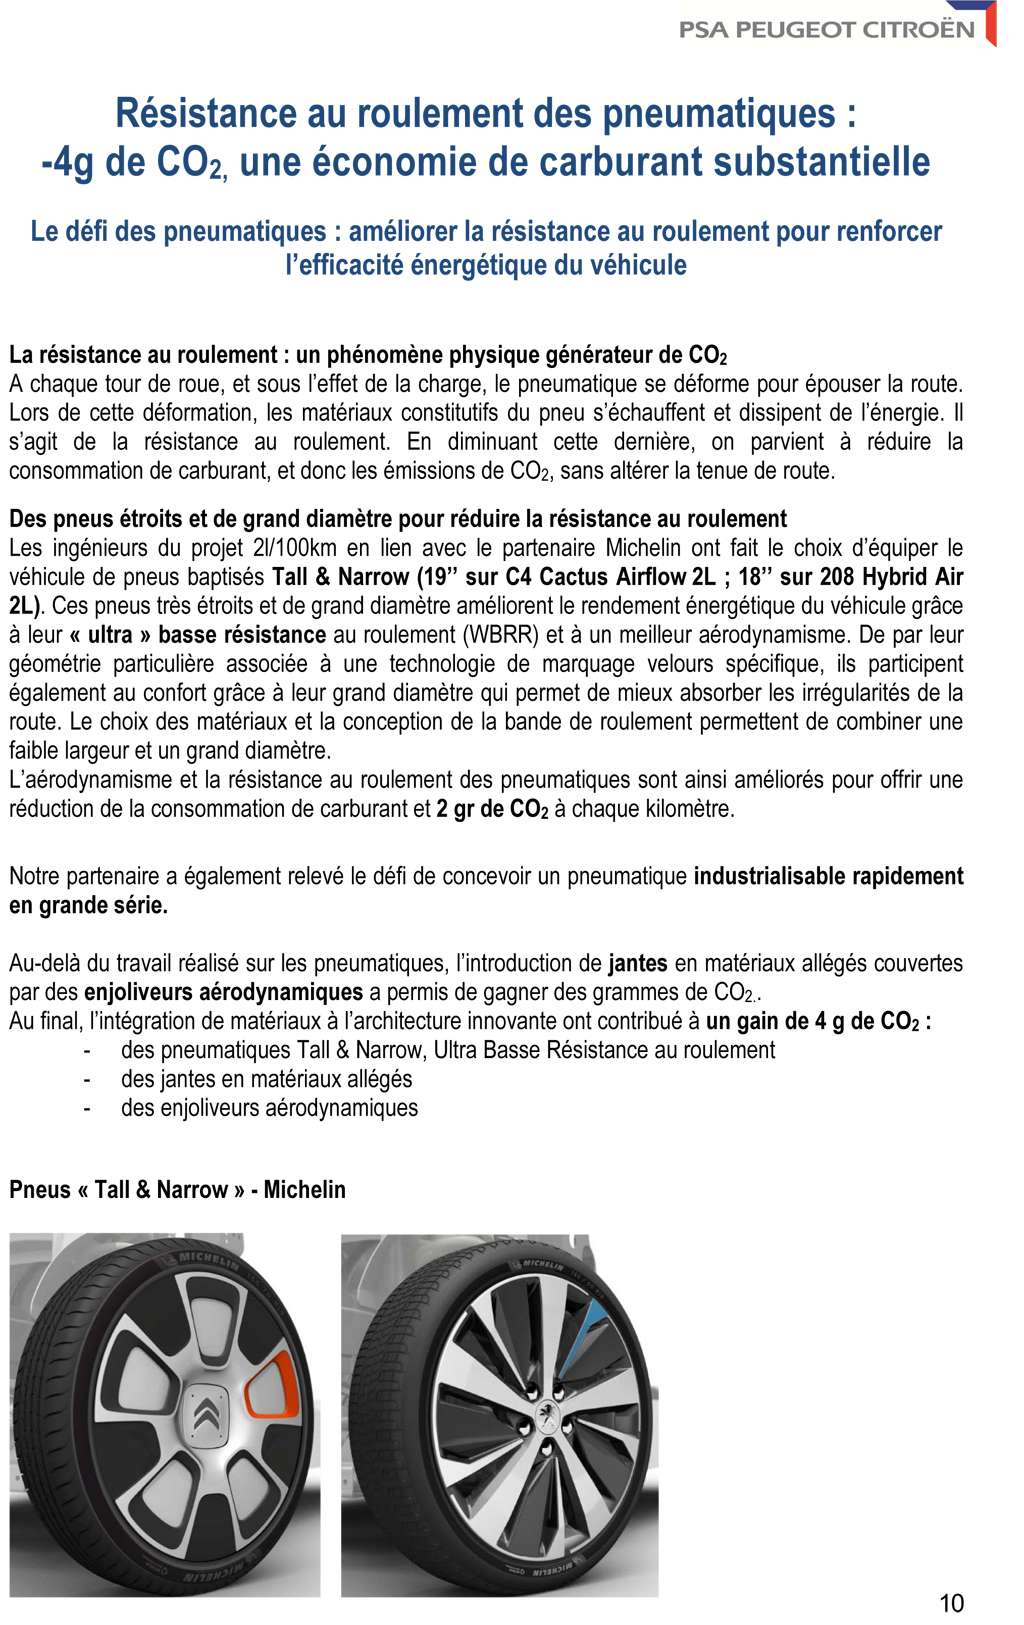 [INFORMATION] PSA: Les nouvelles technologies - Page 4 2014-118